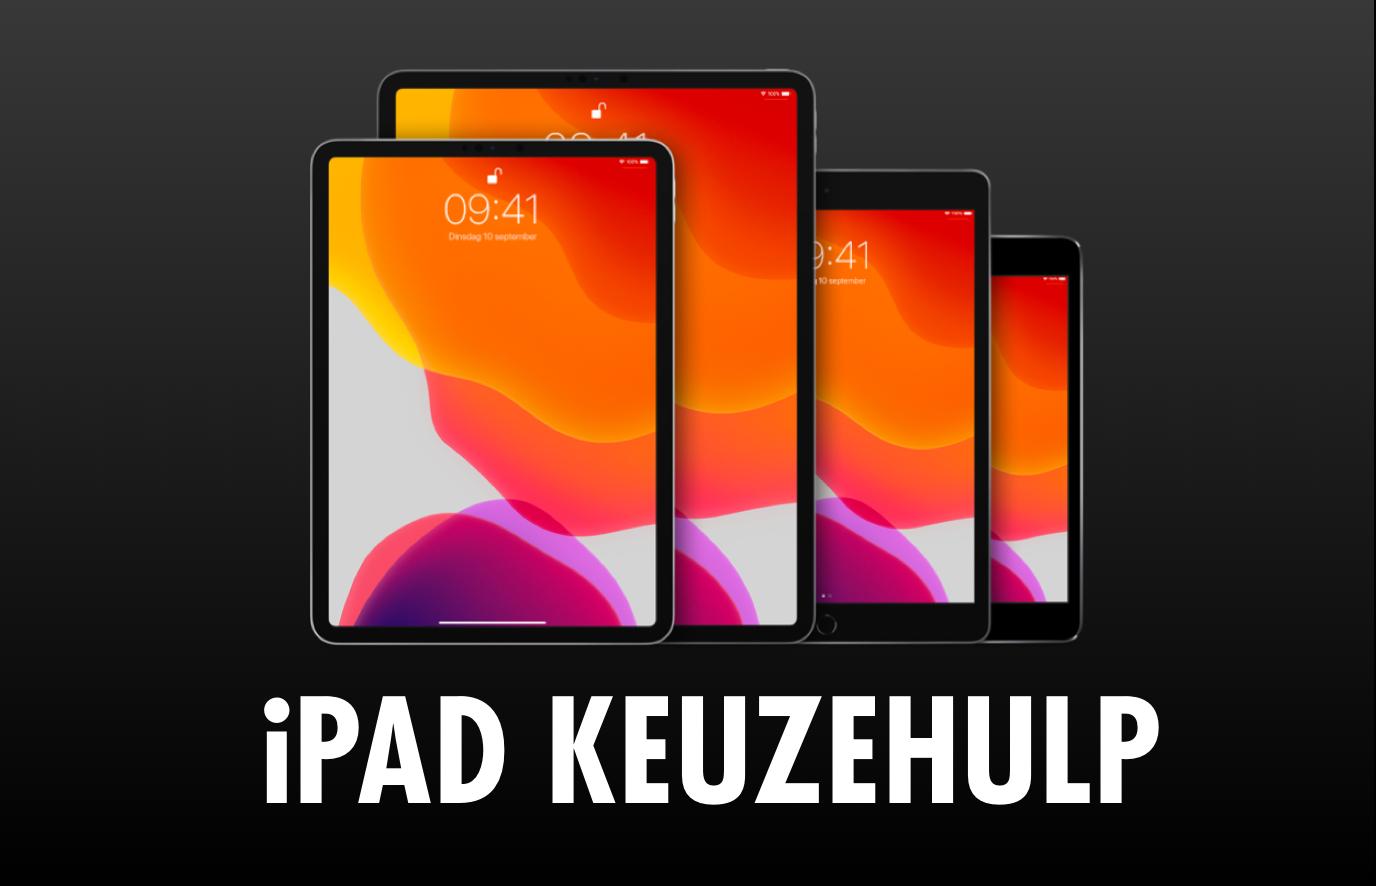 iPad kopen? Gebruik de iPad keuzehulp!